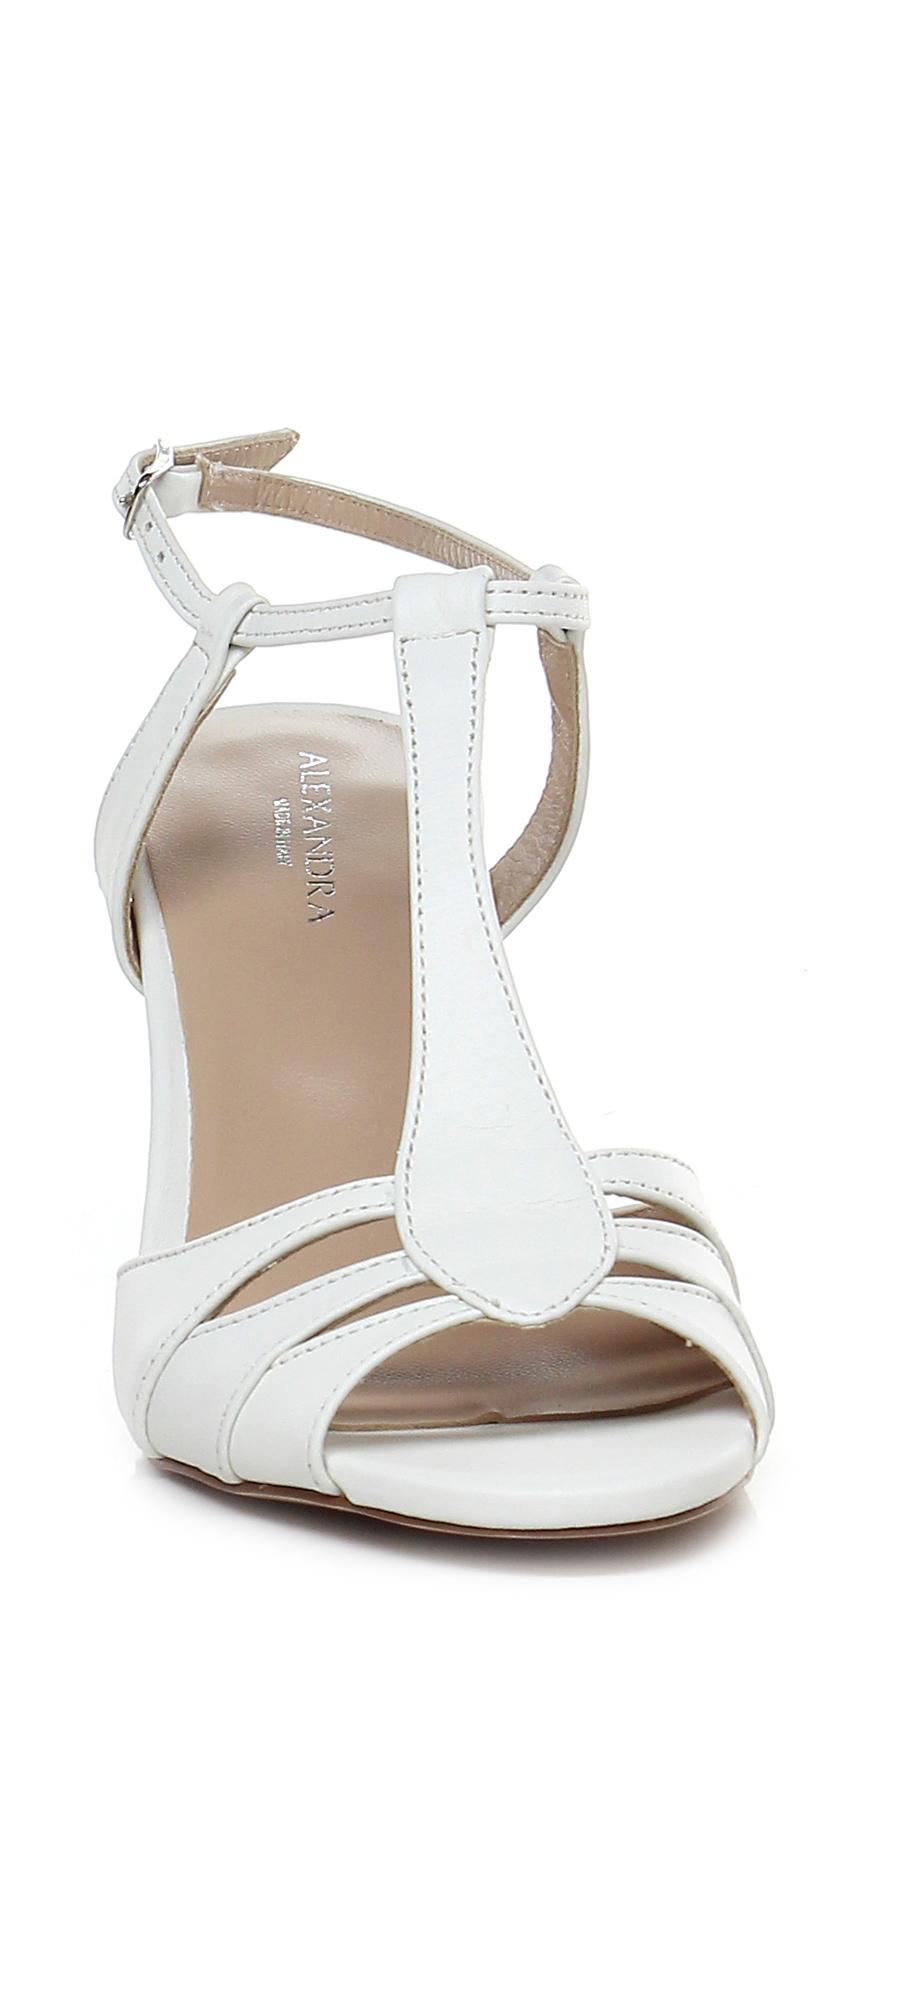 Sandalo Verschleißfeste alto Avorio Alexandra Verschleißfeste Sandalo billige Schuhe df6360